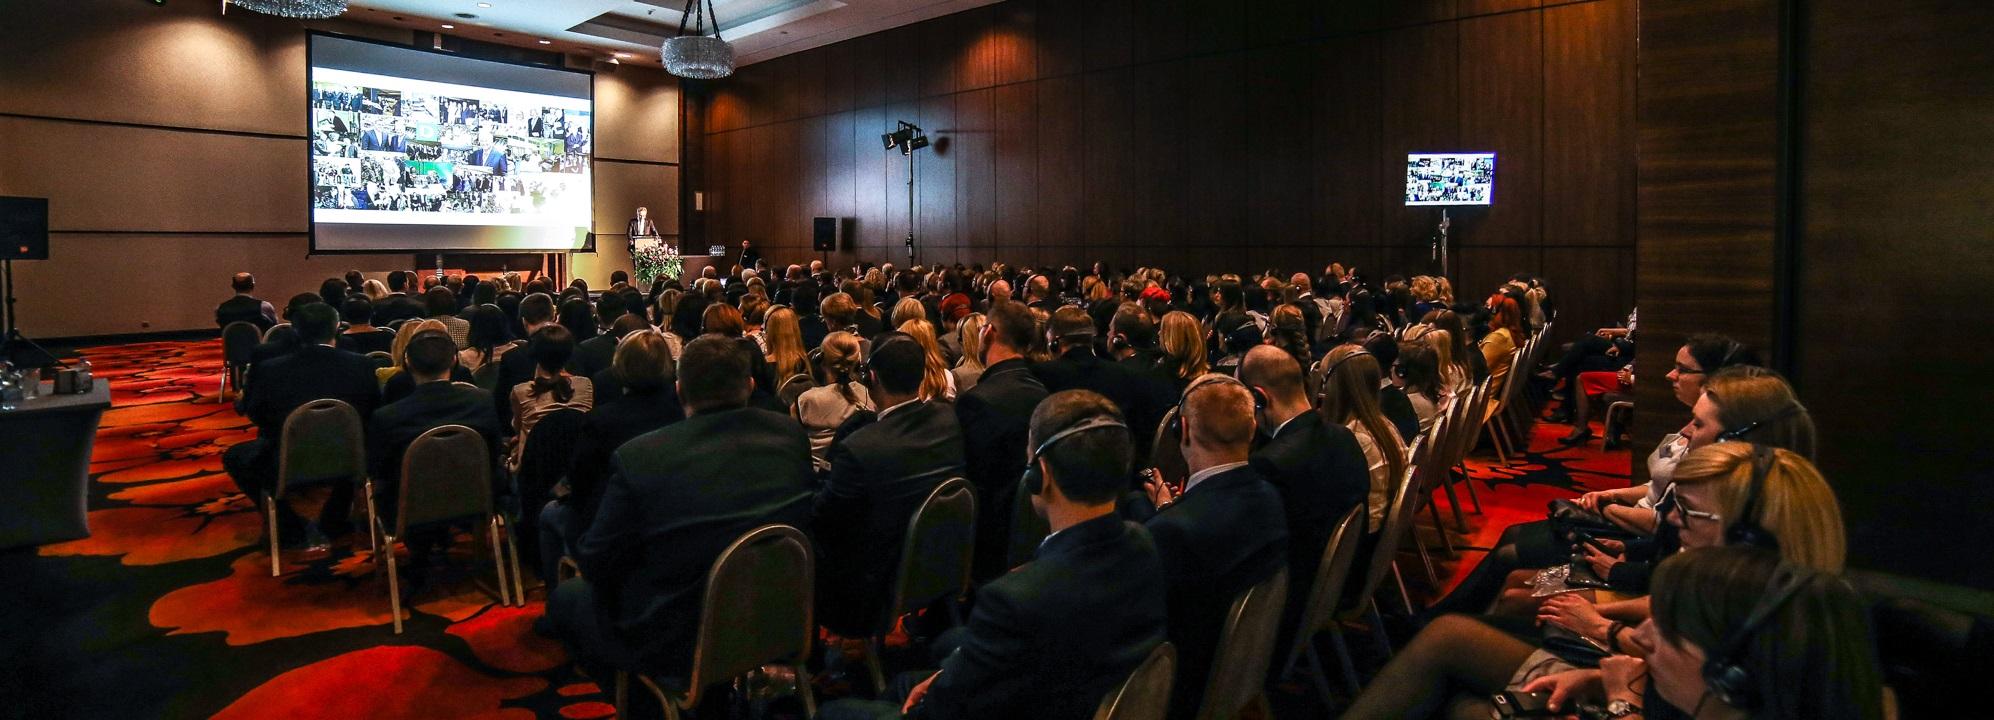 organizacja konferencji wrocław